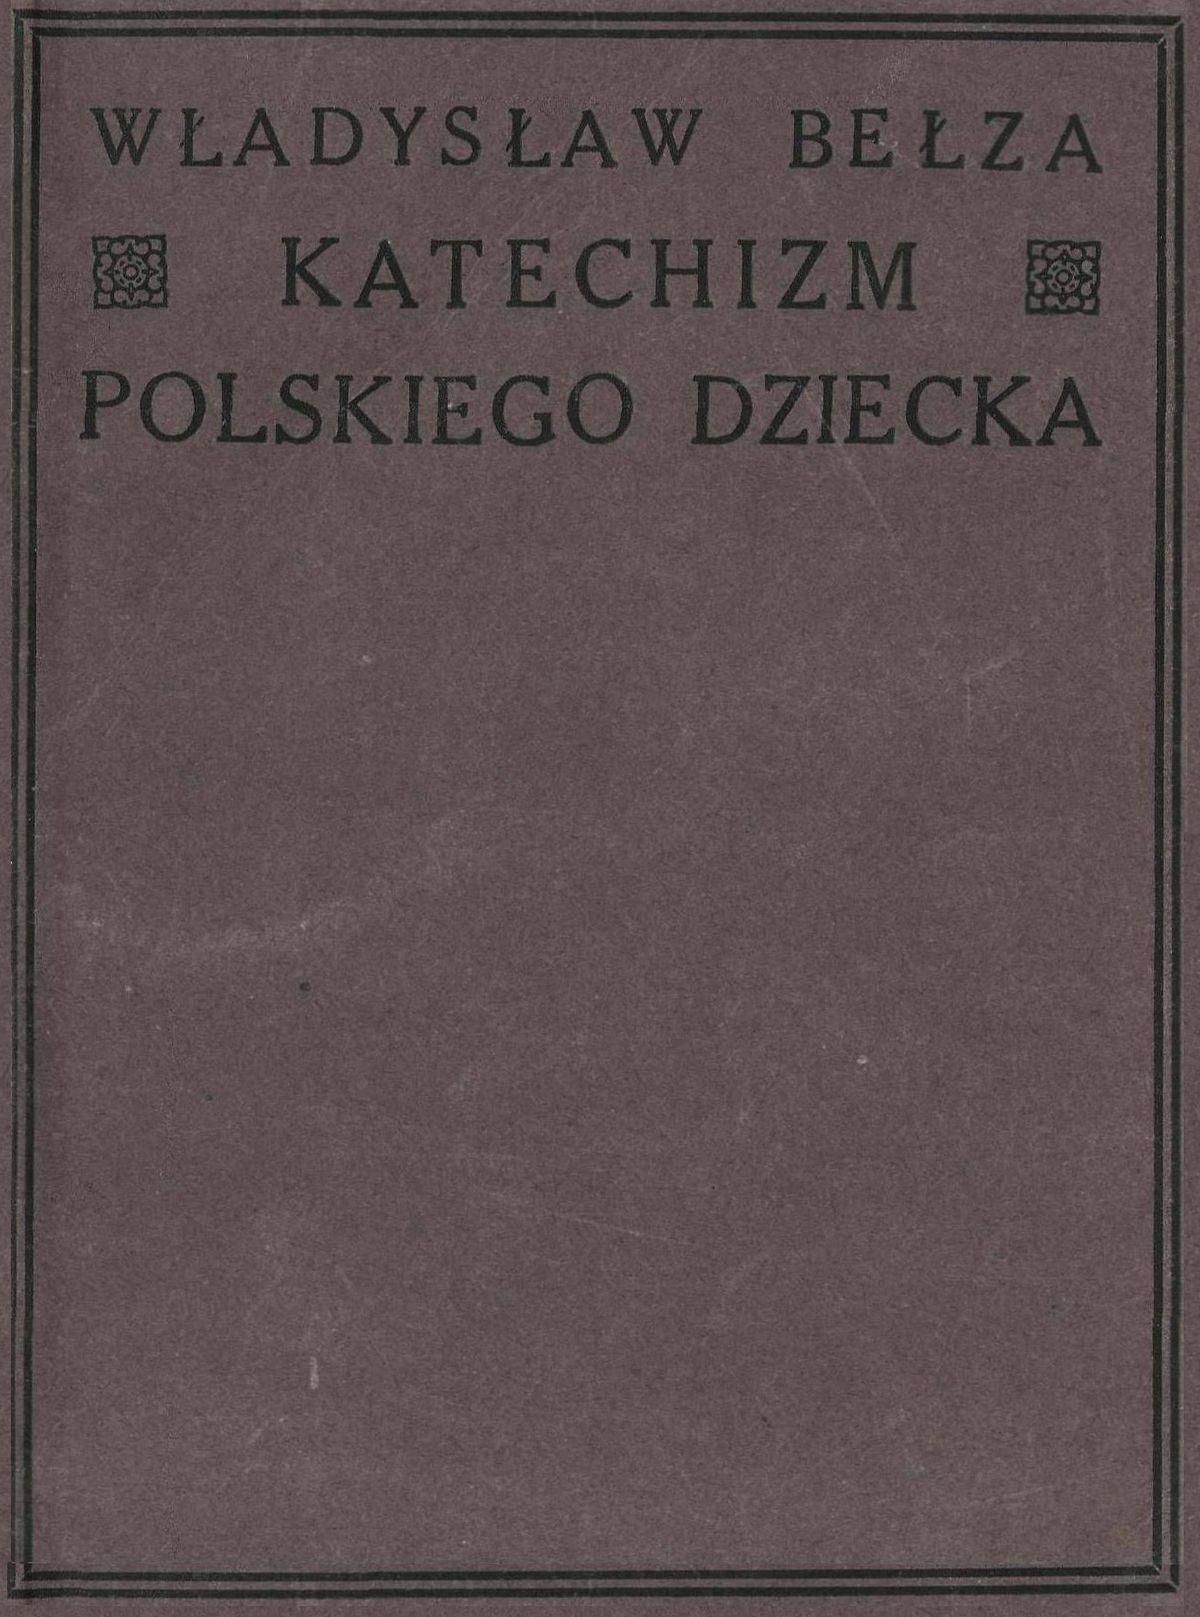 Katechizm Polskiego Dziecka Zbiór Wierszy Wikipedia